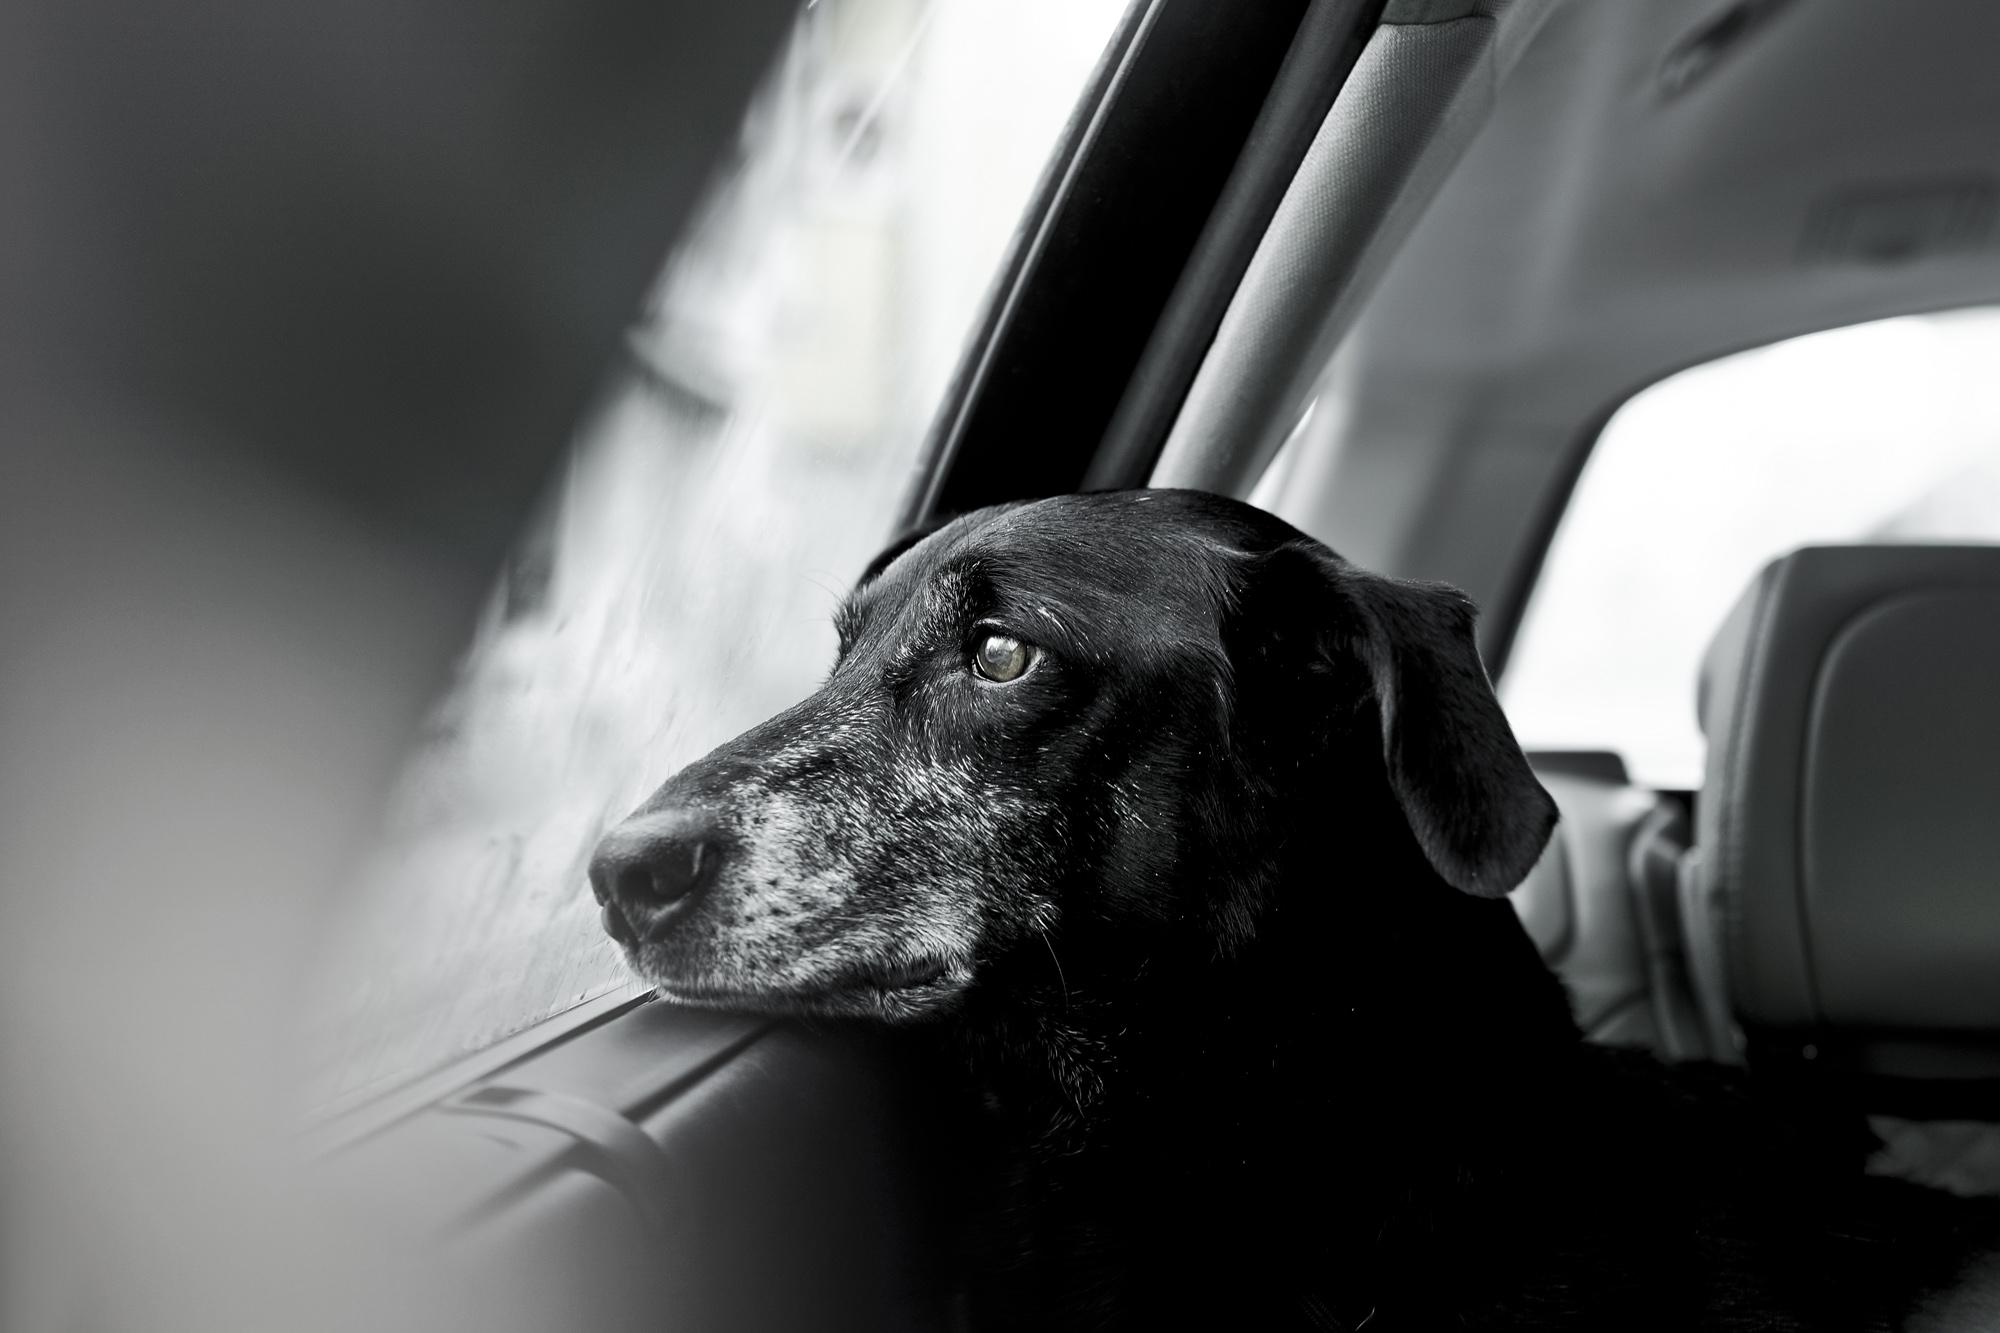 Δεύτερη θέση στην κατηγορία «Γέρικα σκυλιά». Ο σκύλος διάσωσης Νίλο κοιτάζει μελαγχολικά έξω από το παράθυρο μία βροχερή ημέρα